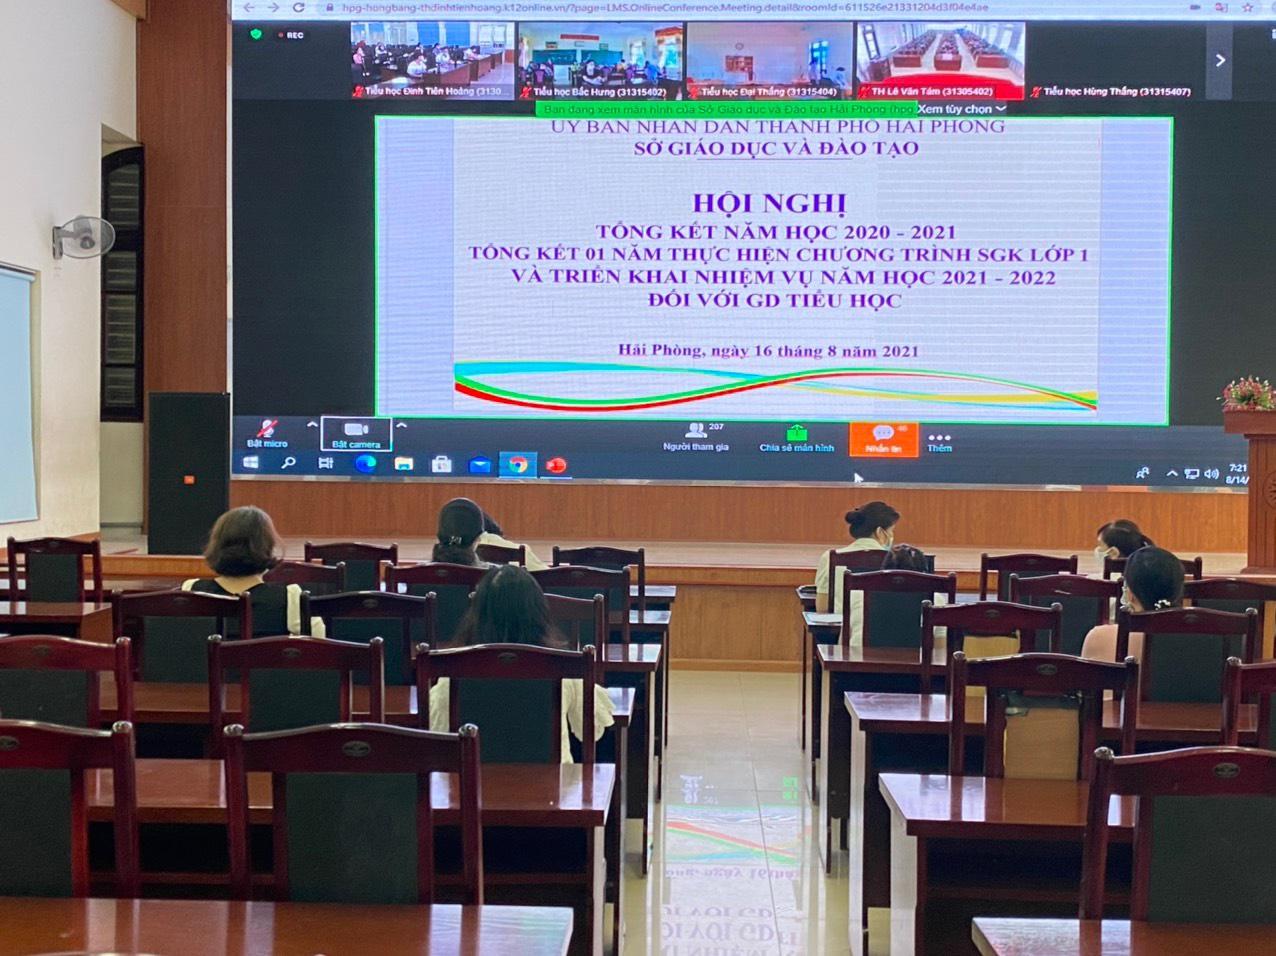 Tổng kết năm học 2020-2021, tổng kết chương trình sgk lớp 1; triển khai nhiệm vụ năm học 2021-2022 đối với giáo dục tiểu học